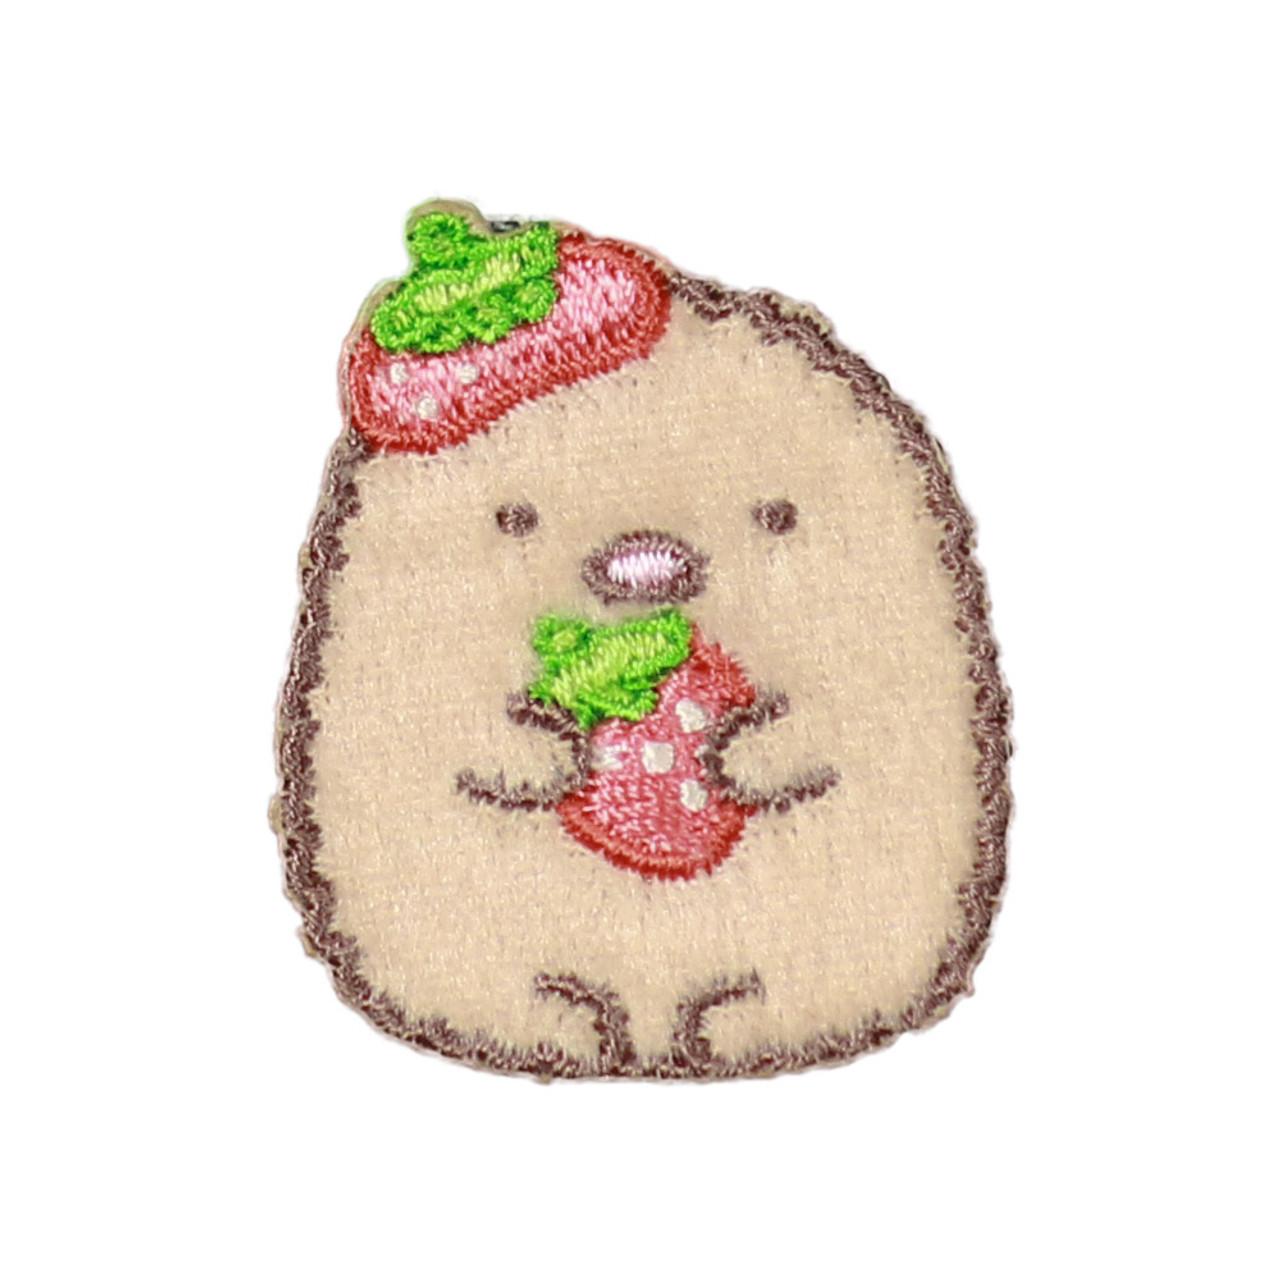 Sumikko Gurashi Iron On Patch Strawberry Pork Cutlet PSU131 ( Front View )